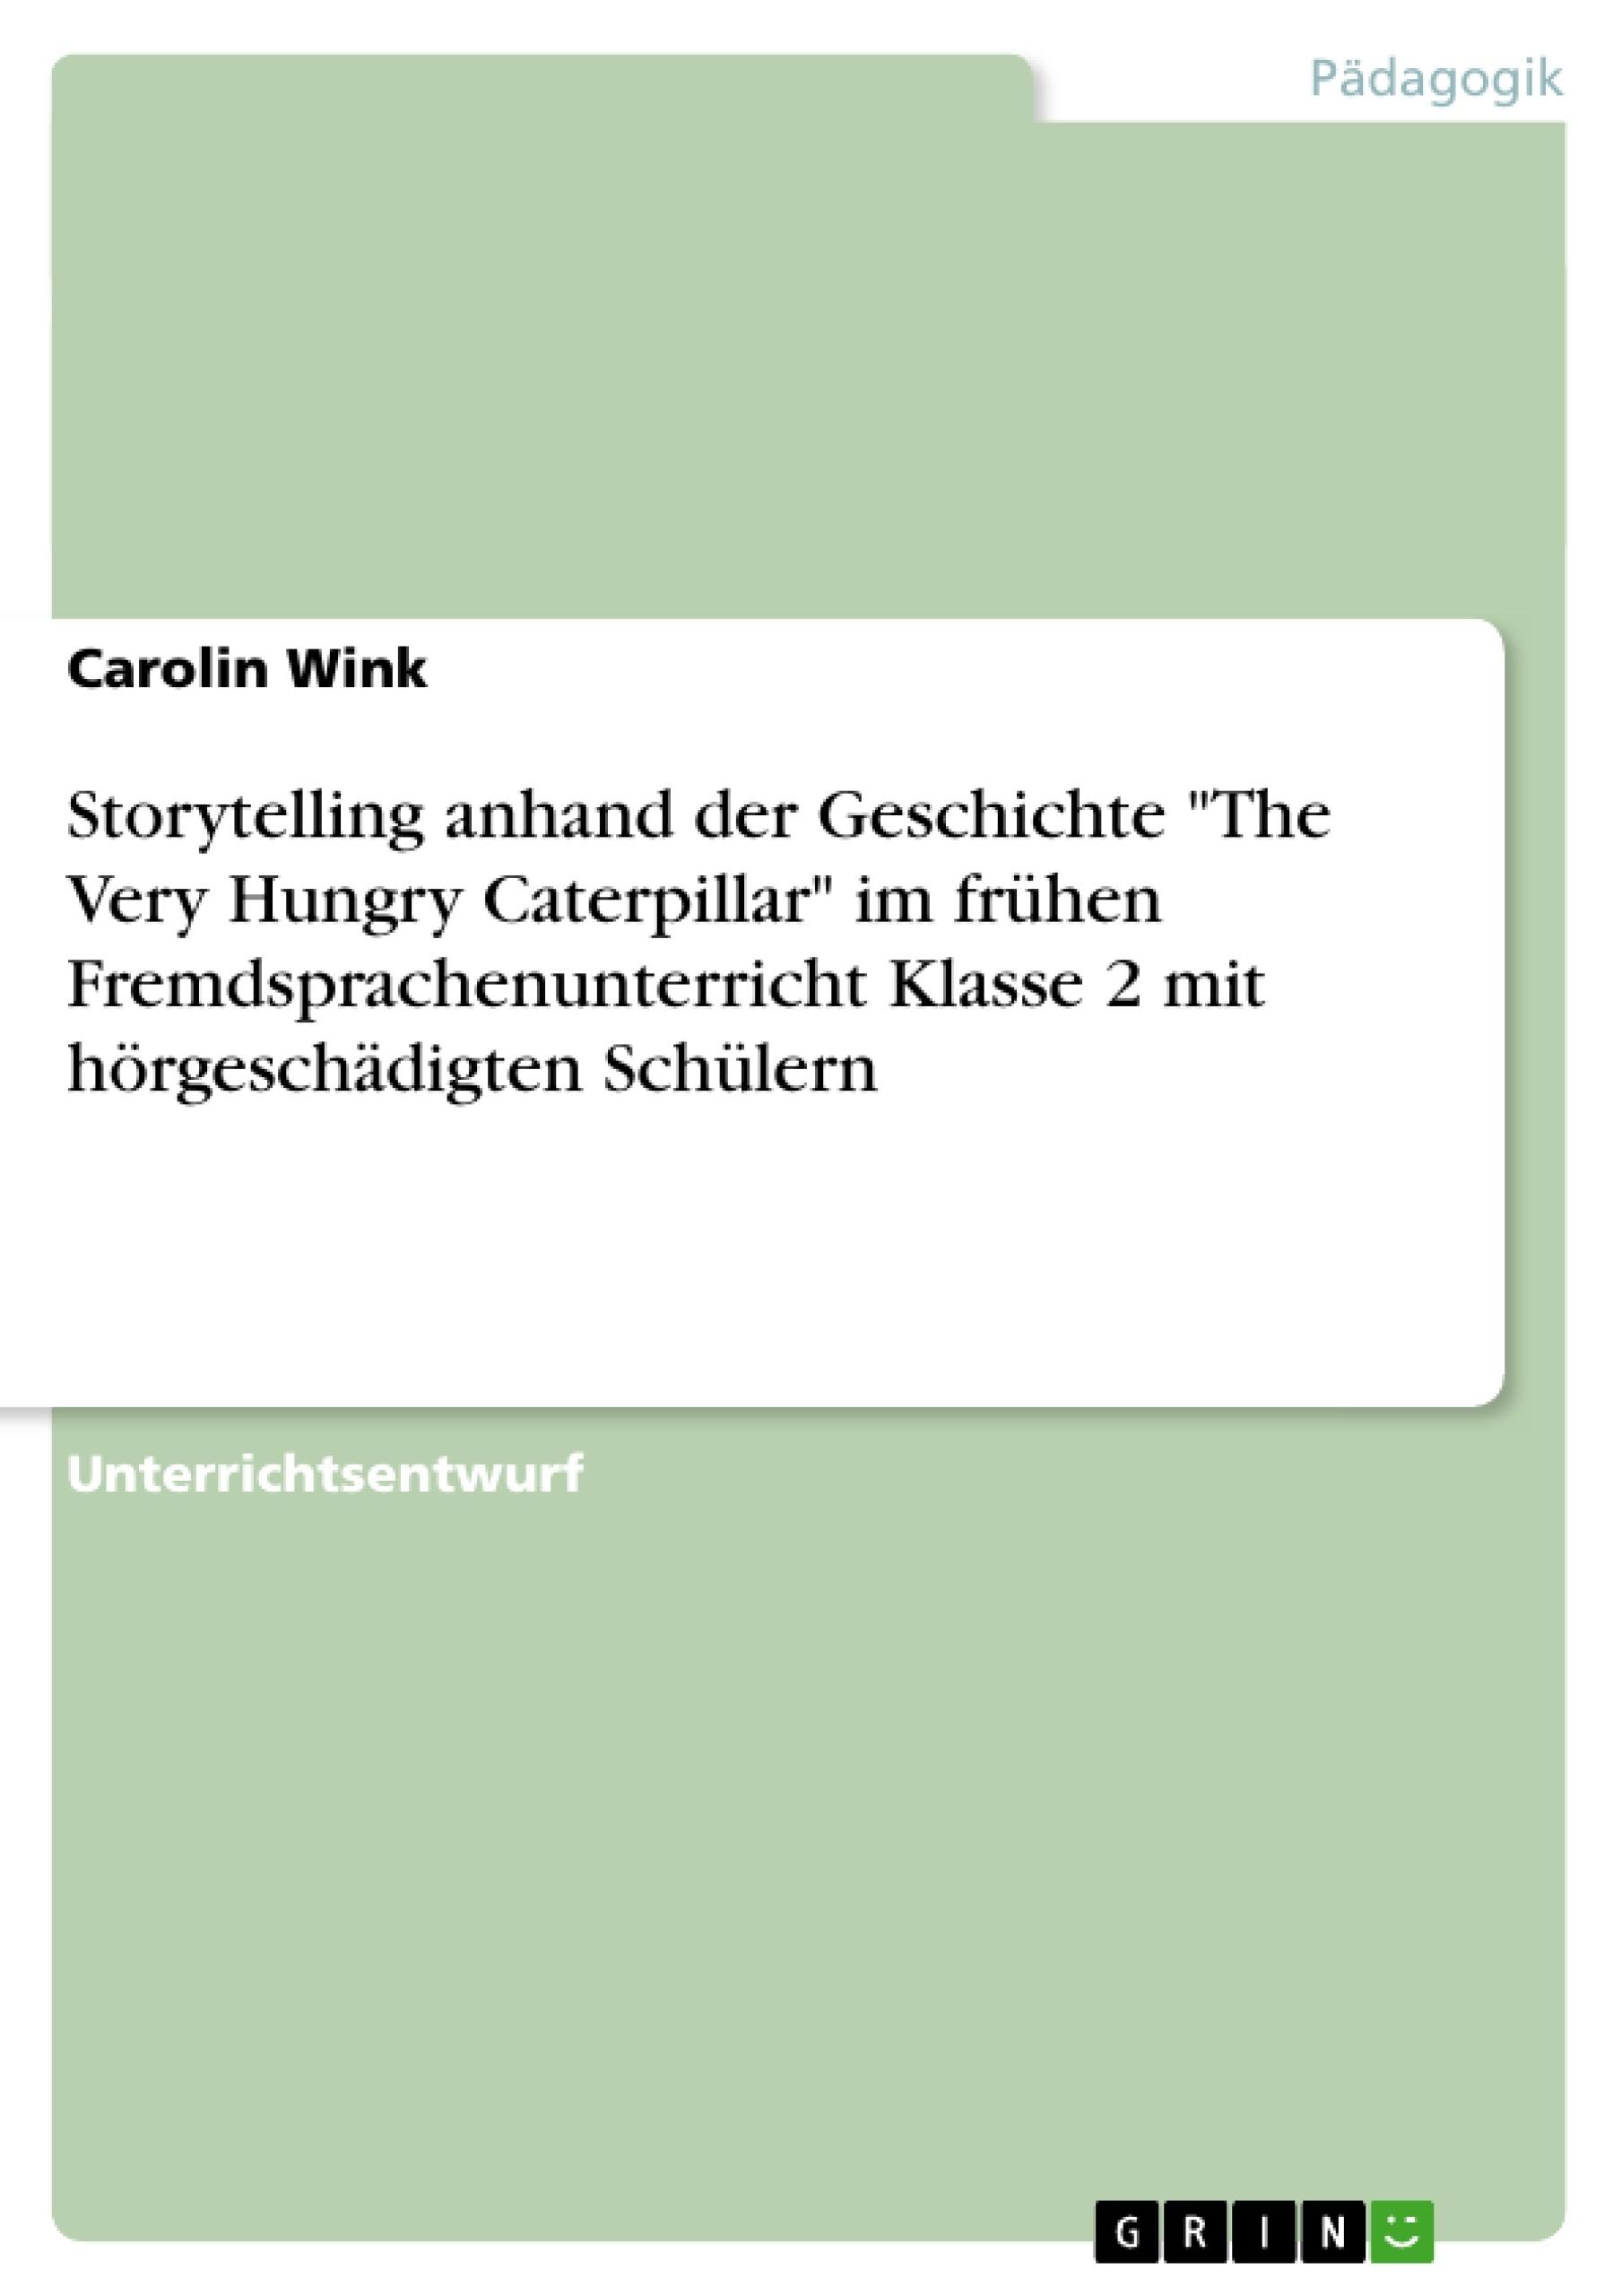 """Titel: Storytelling anhand der Geschichte """"The Very Hungry Caterpillar"""" im frühen Fremdsprachenunterricht Klasse 2 mit hörgeschädigten Schülern"""